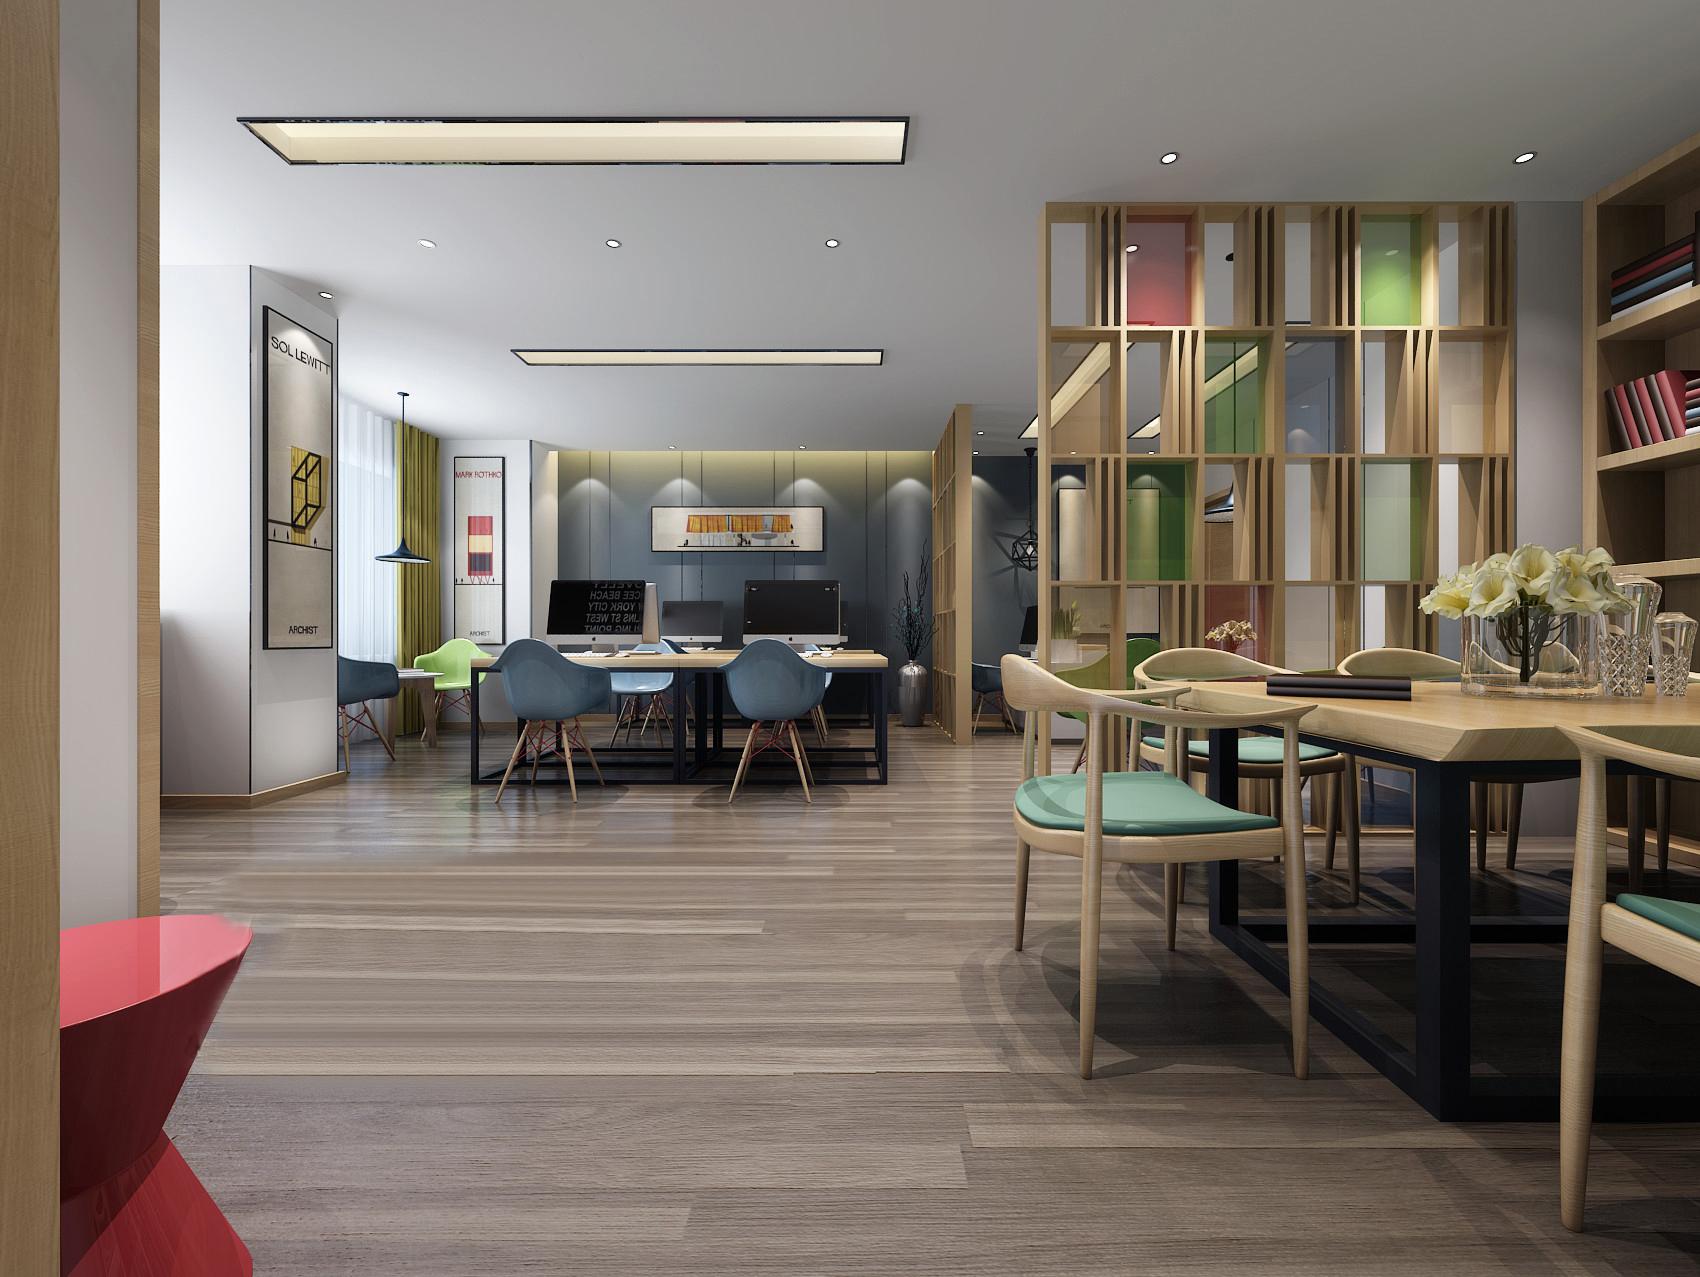 2018无锡办公室装修保养注意事项之实木复合地板。   在日常生活中,对于办公室装修实木复合地板的保养要注意以下几点:   1.保持办公室装修地板干燥、清洁,不允许用滴水的拖把拖地板,或用碱水、肥皂水擦地,以免破坏油漆表面的光泽。   2、尽量避免阳光暴晒,以免办公室装修地板表面油漆长期在紫外线的照射下提前老化、开裂。   3、局部板面不慎占染污迹应及时清除,若有油污,可用抹布蘸温水沾少量洗衣粉擦洗,若是药物或颜料,必须在污迹未渗入木质表层以前加以清除;   4、办公室装修地板尽量避免与水长时间接触